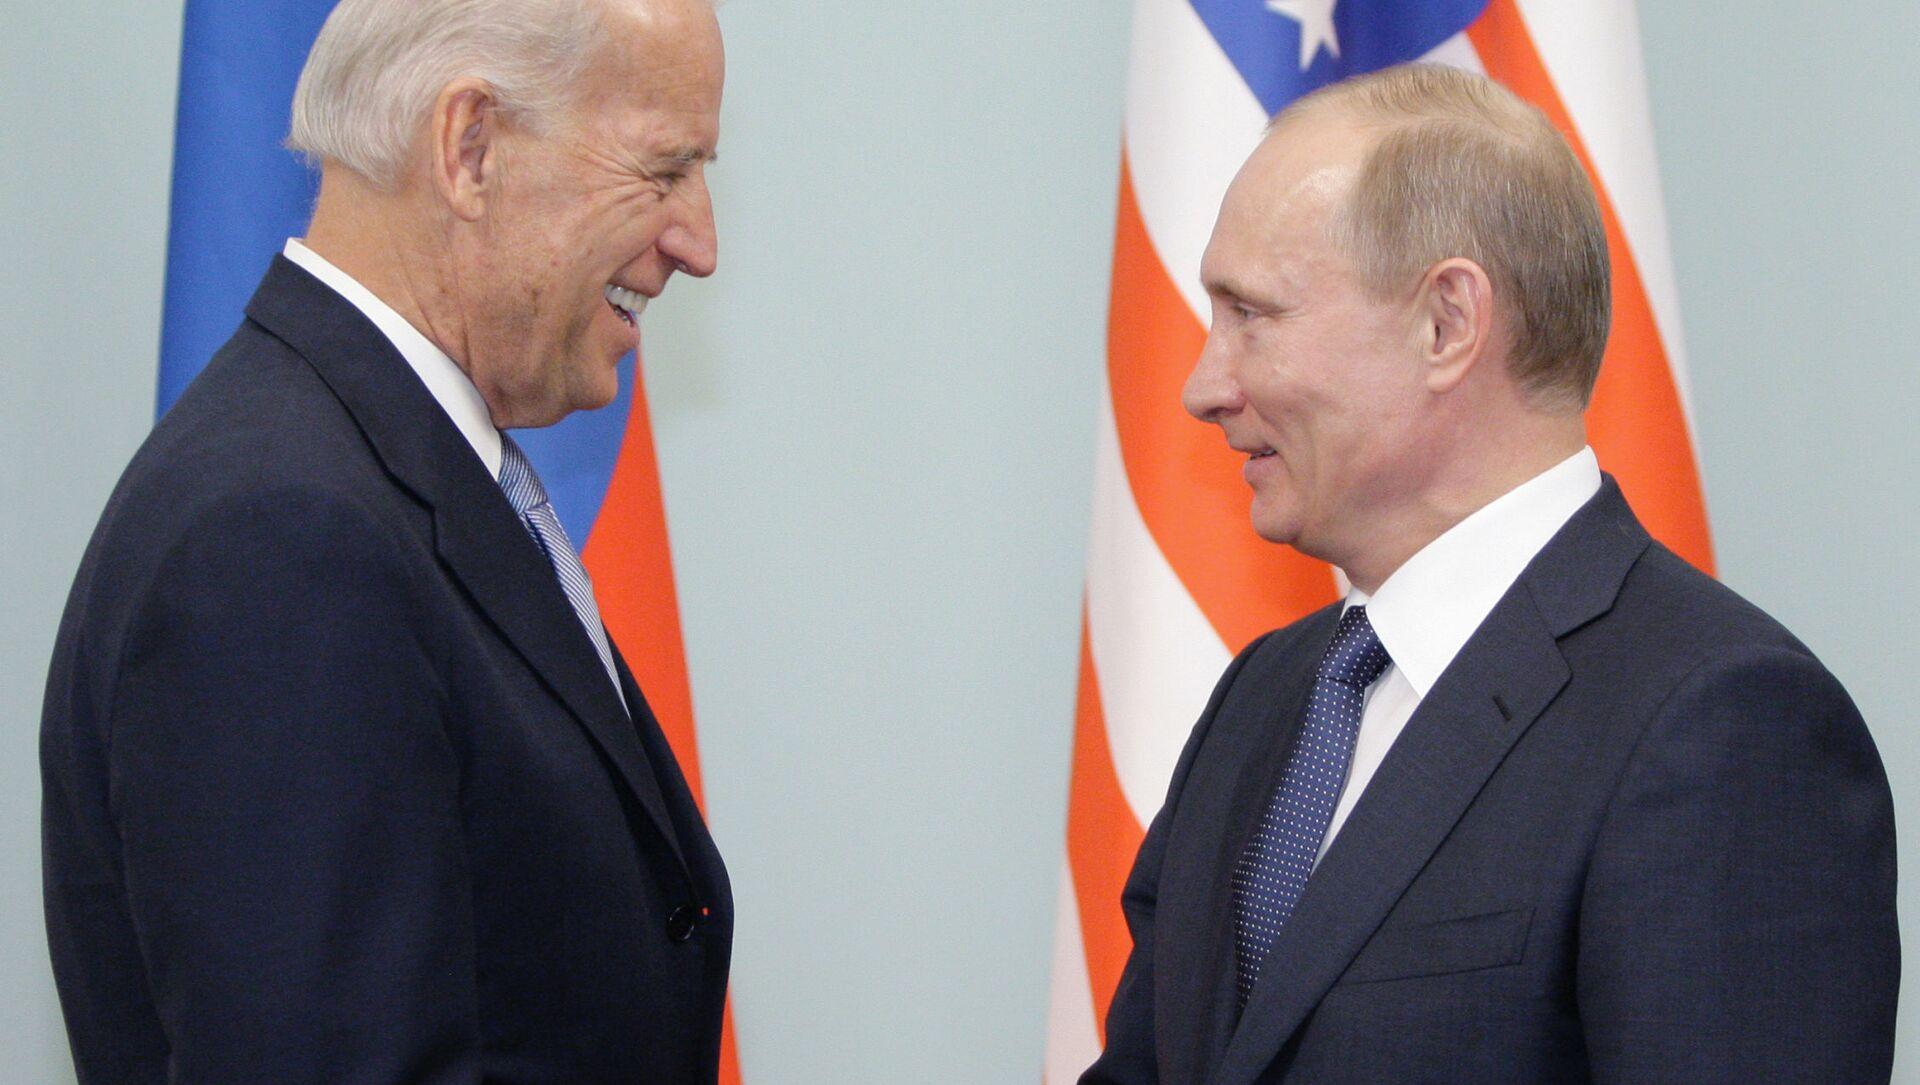 Spotkanie Władimira Putina i Joe Bidena w Moskwie. Zdjęcie archiwalne. - Sputnik Polska, 1920, 07.05.2021